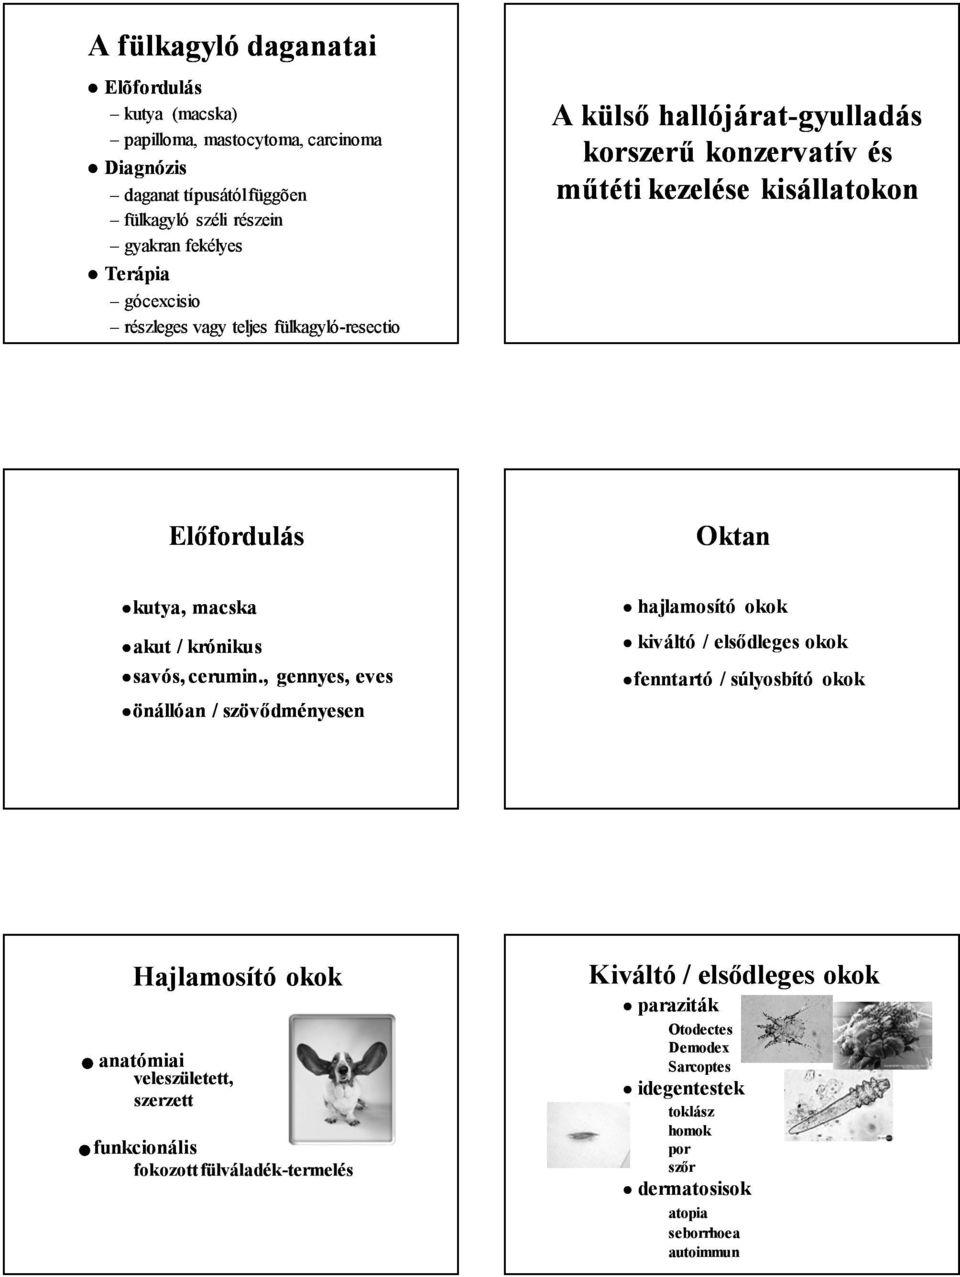 papilloma paraziták kezelése)